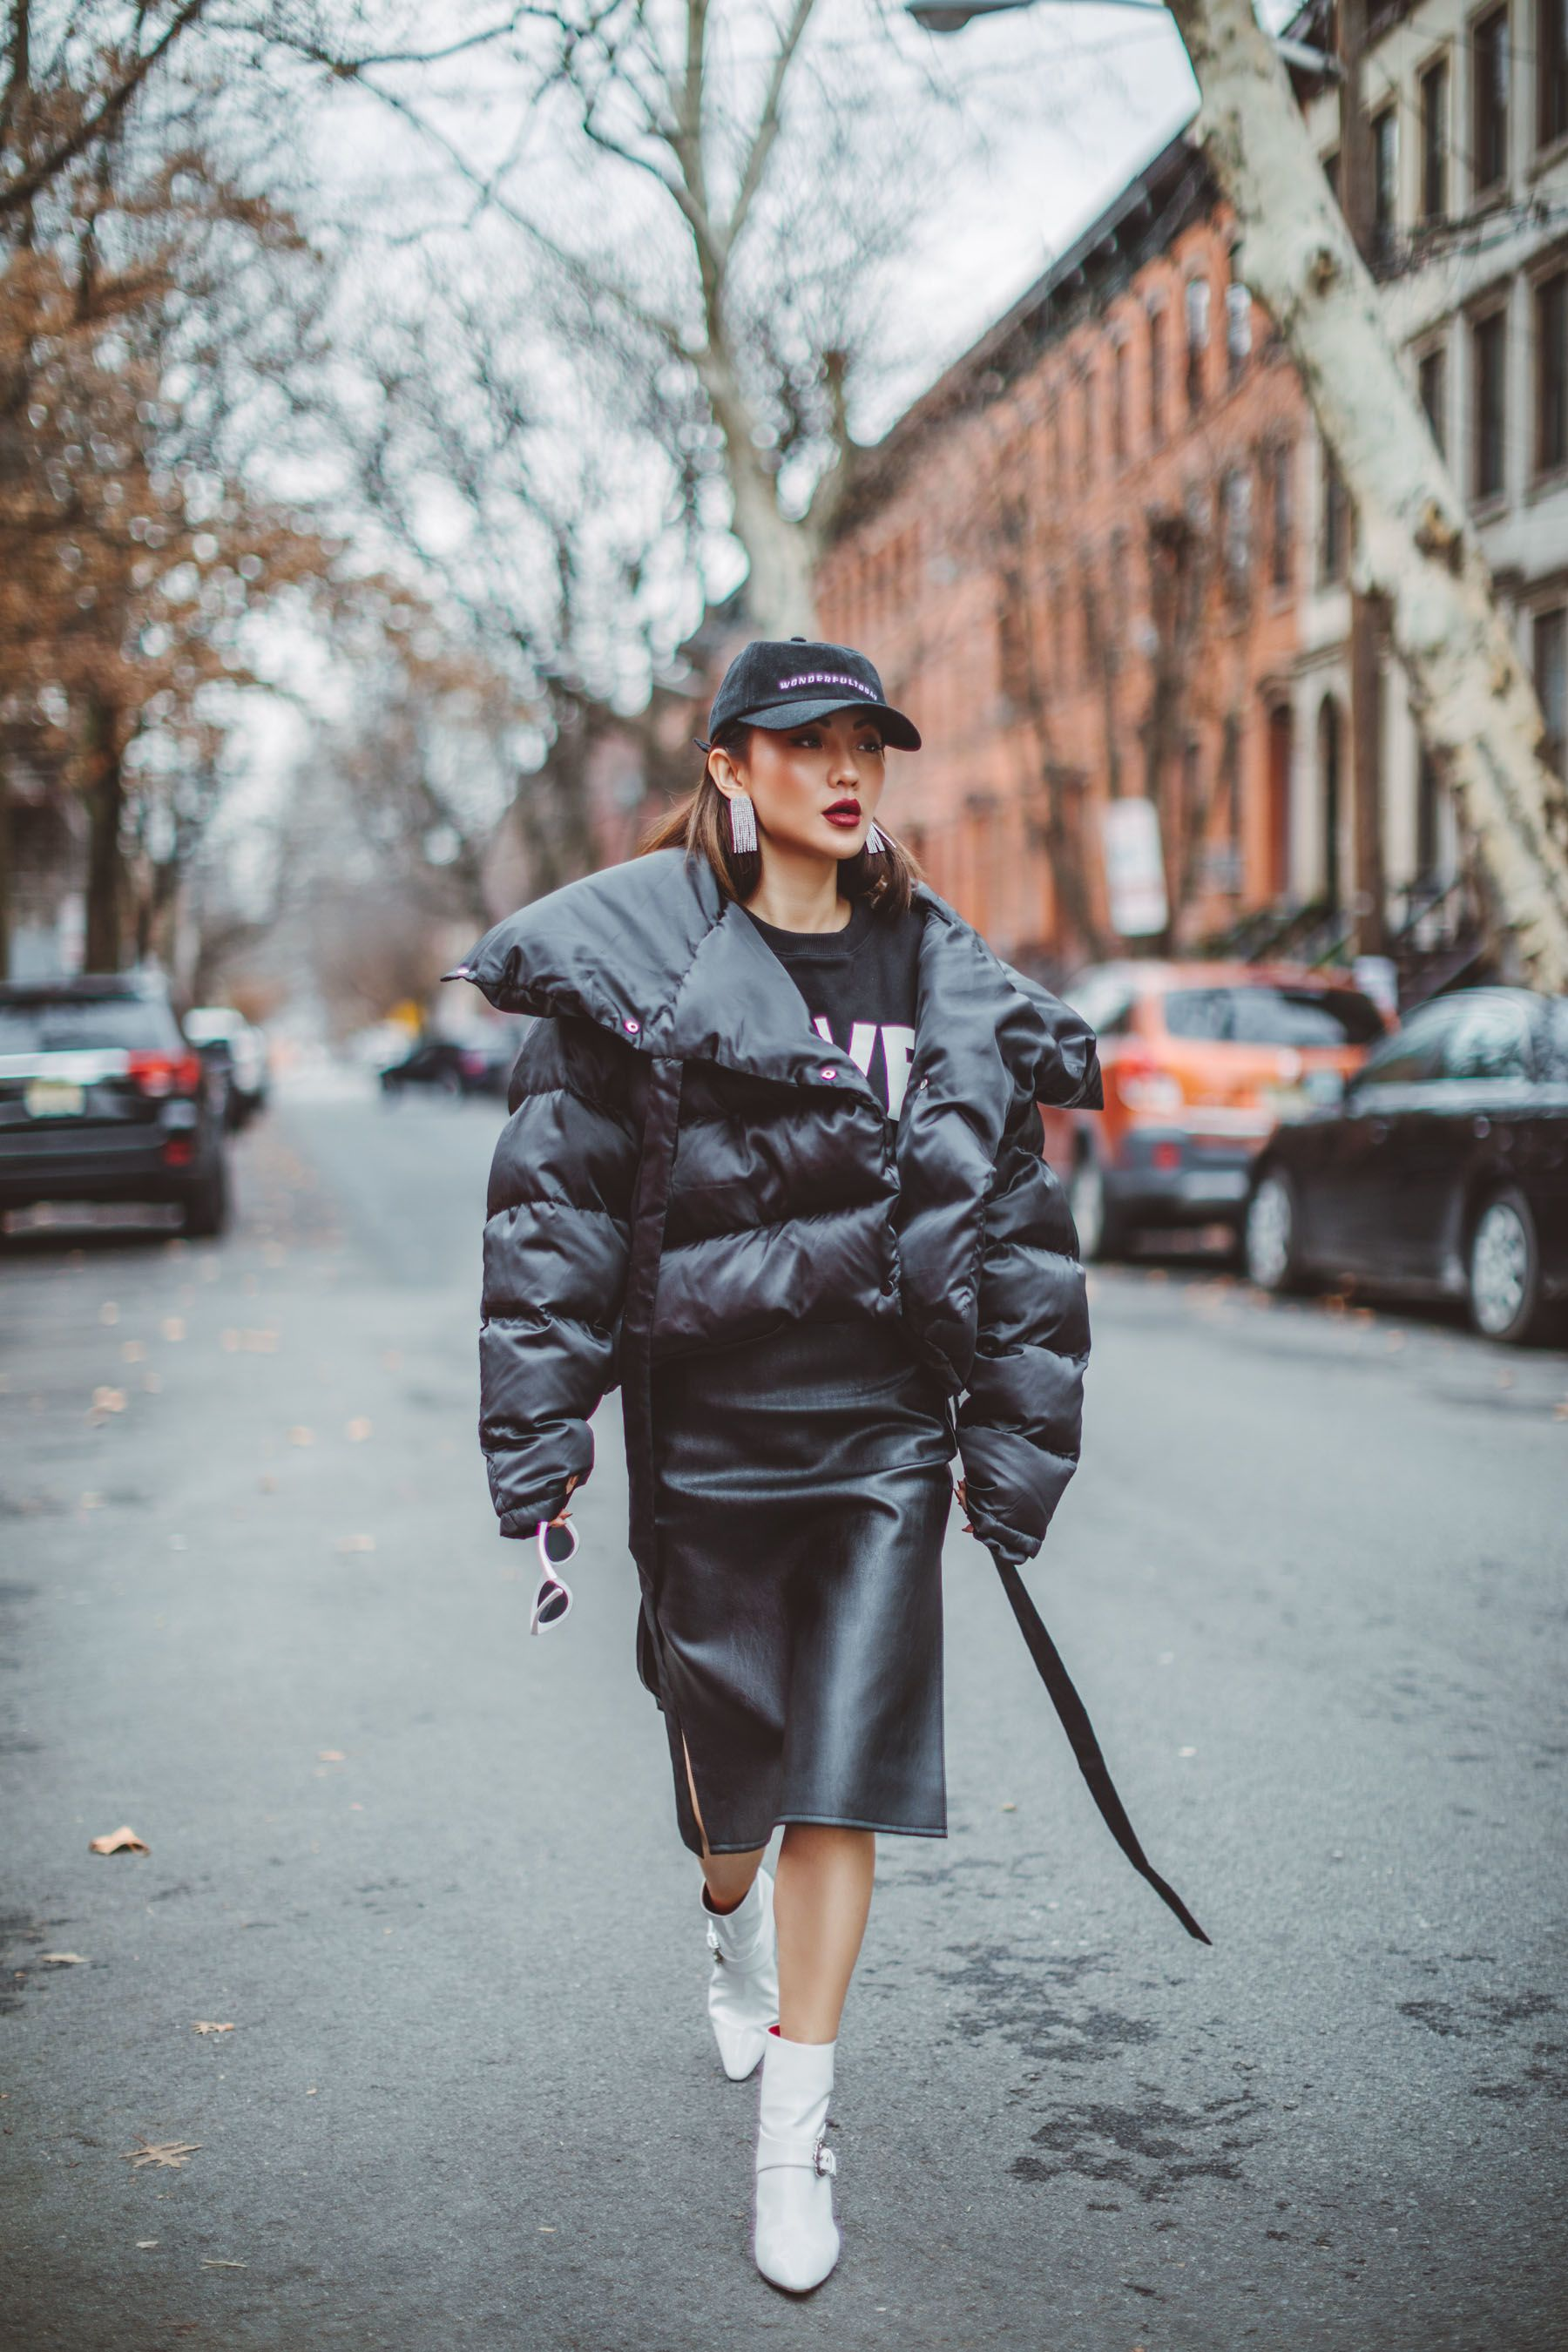 Manfaat Jaket Puffer yang Belum Kamu Ketahui